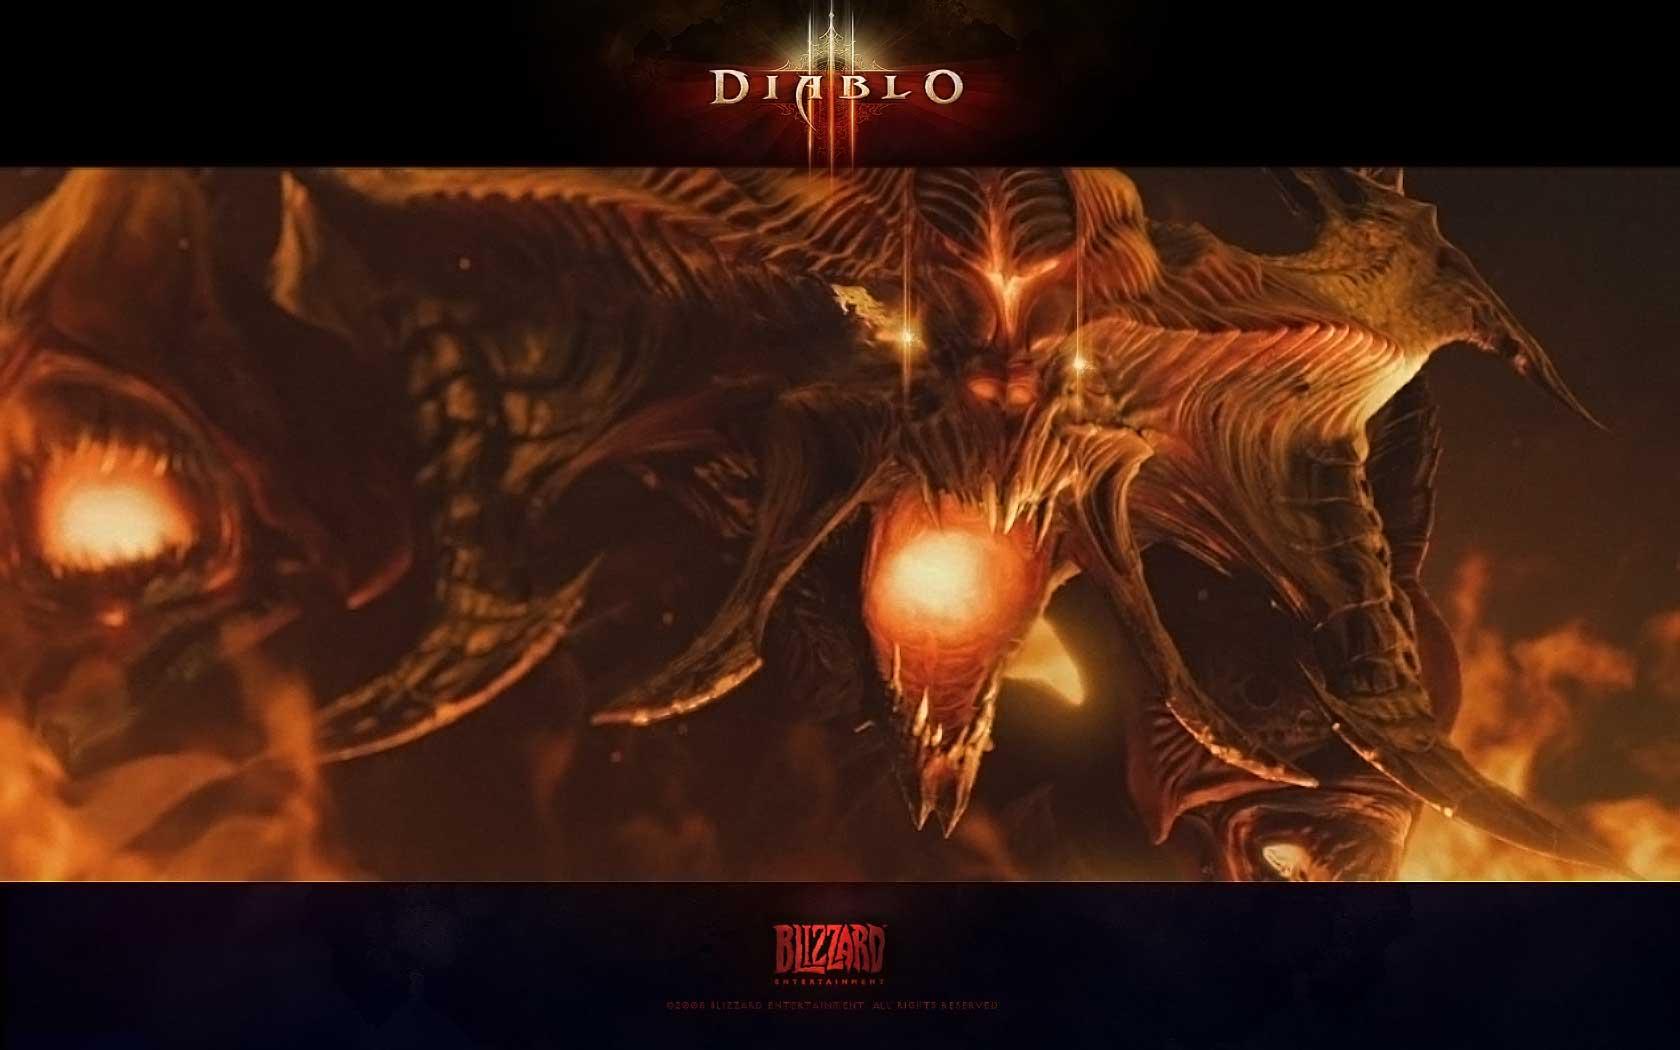 15 Exclusive Diablo Wallpapers